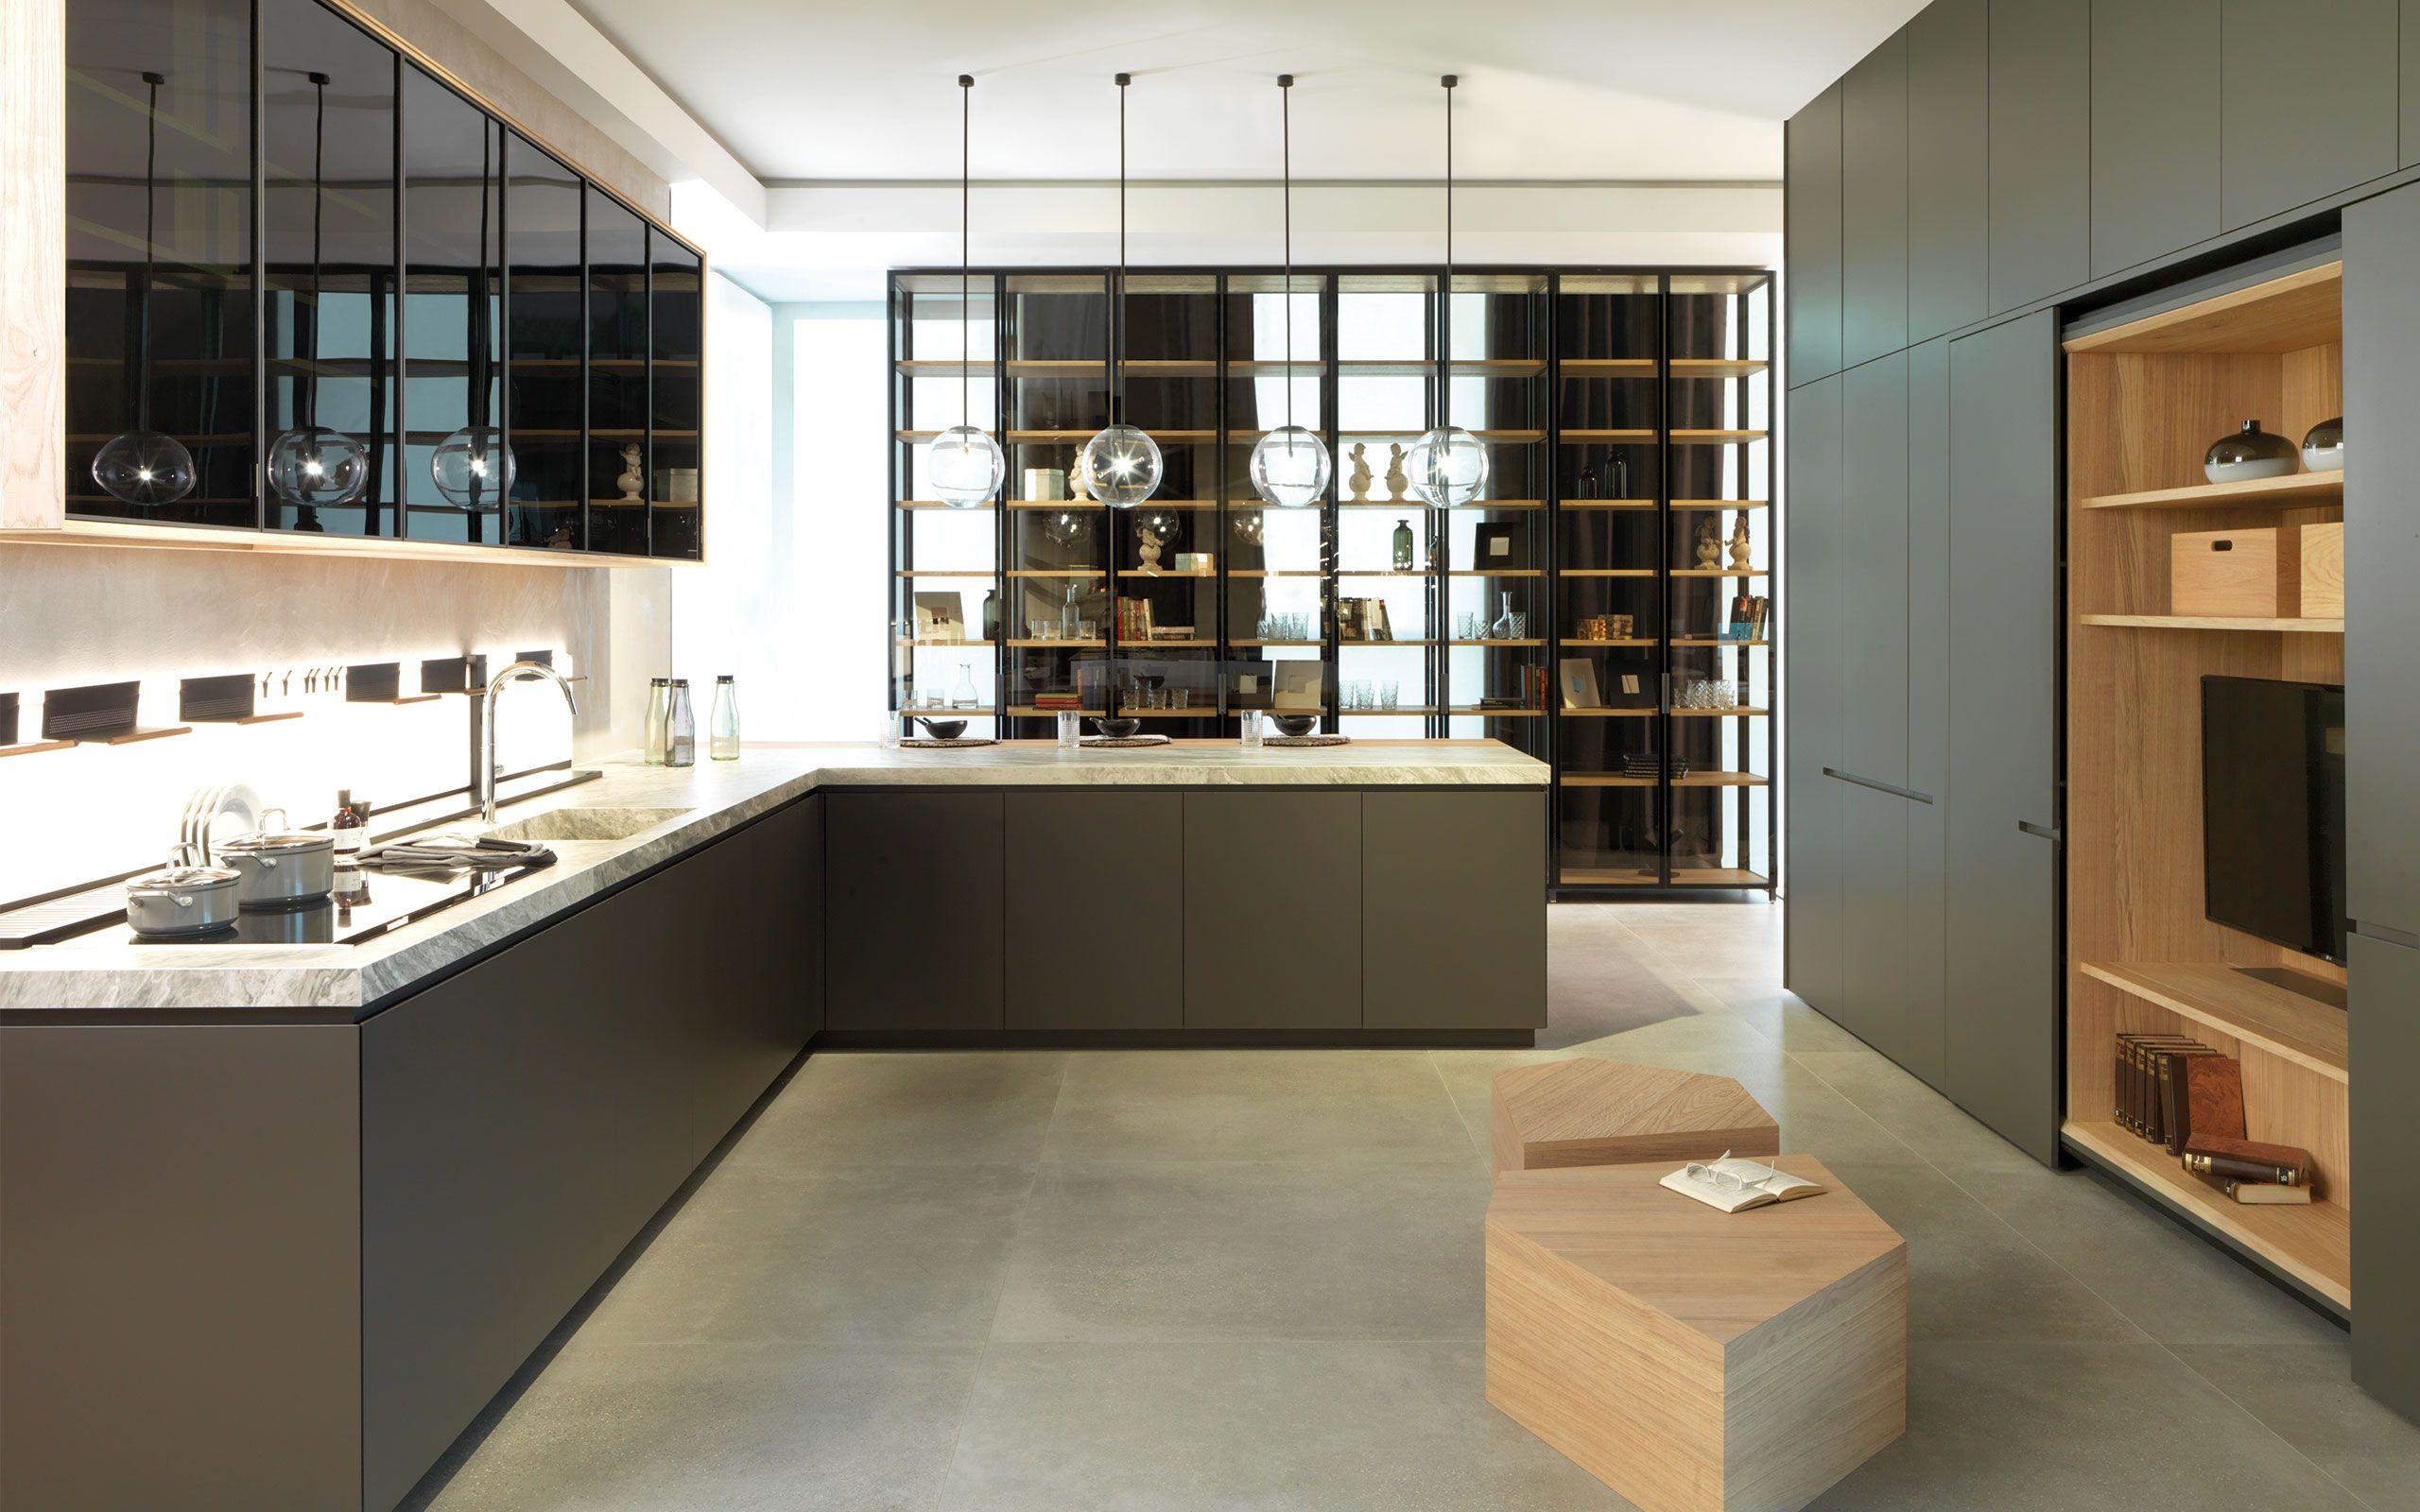 E4 30 Pizarra Mate Roble Puro Cocinas Kitchens Gamadecor Porcelanosa Mobiliario De Cocina Emotions Gamadecor Kitchen Furniture Kitchen Y Kitchen Cabi